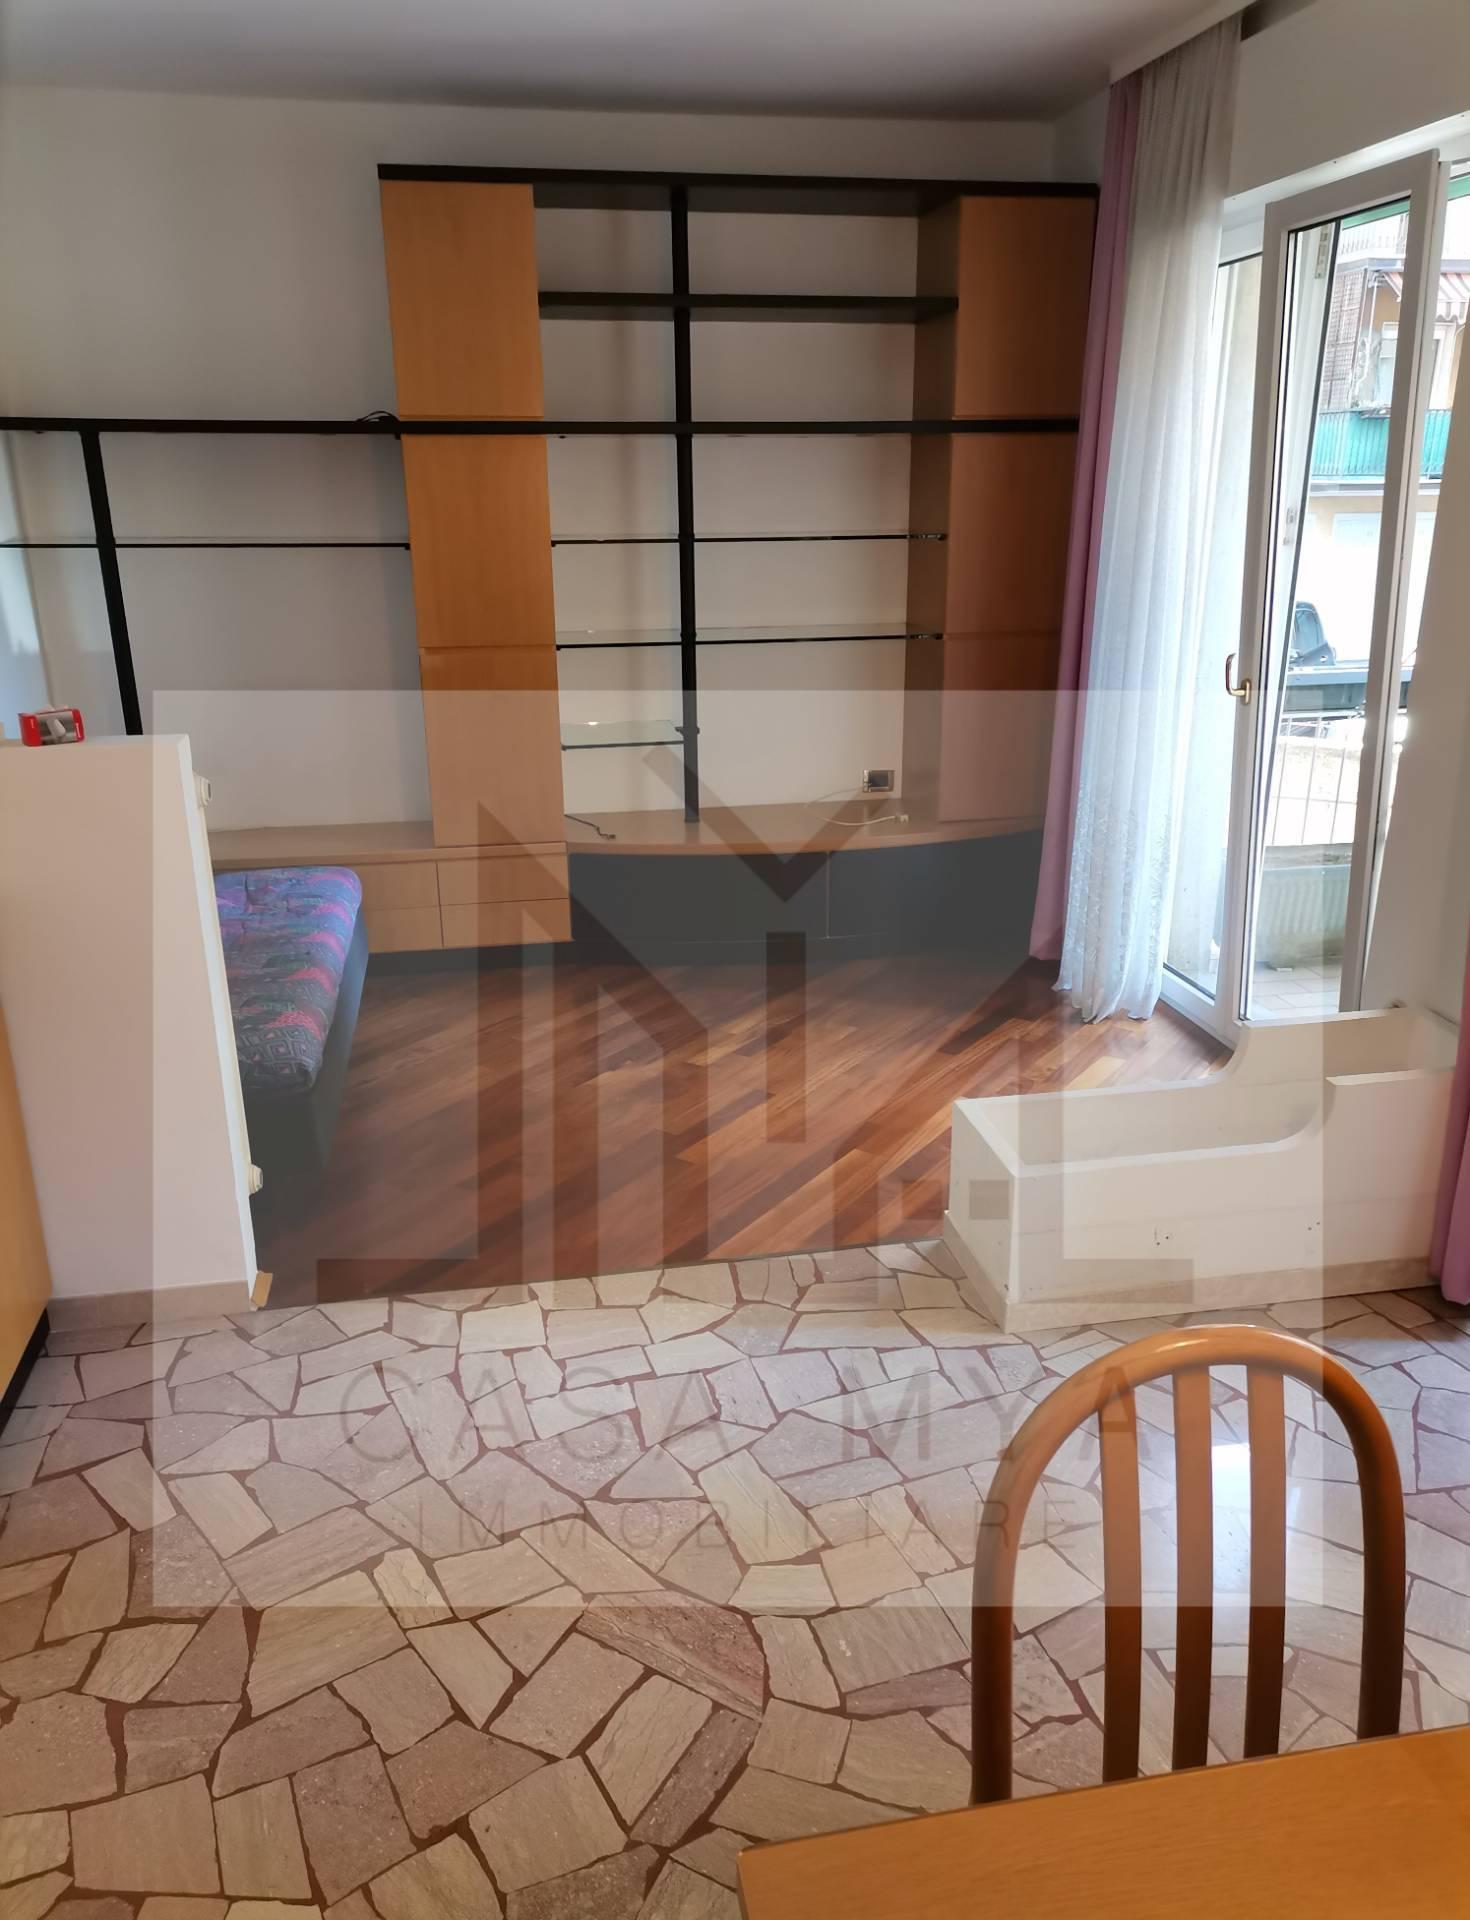 Appartamento in vendita a Bolzano, 2 locali, zona denziale, prezzo € 230.000   PortaleAgenzieImmobiliari.it